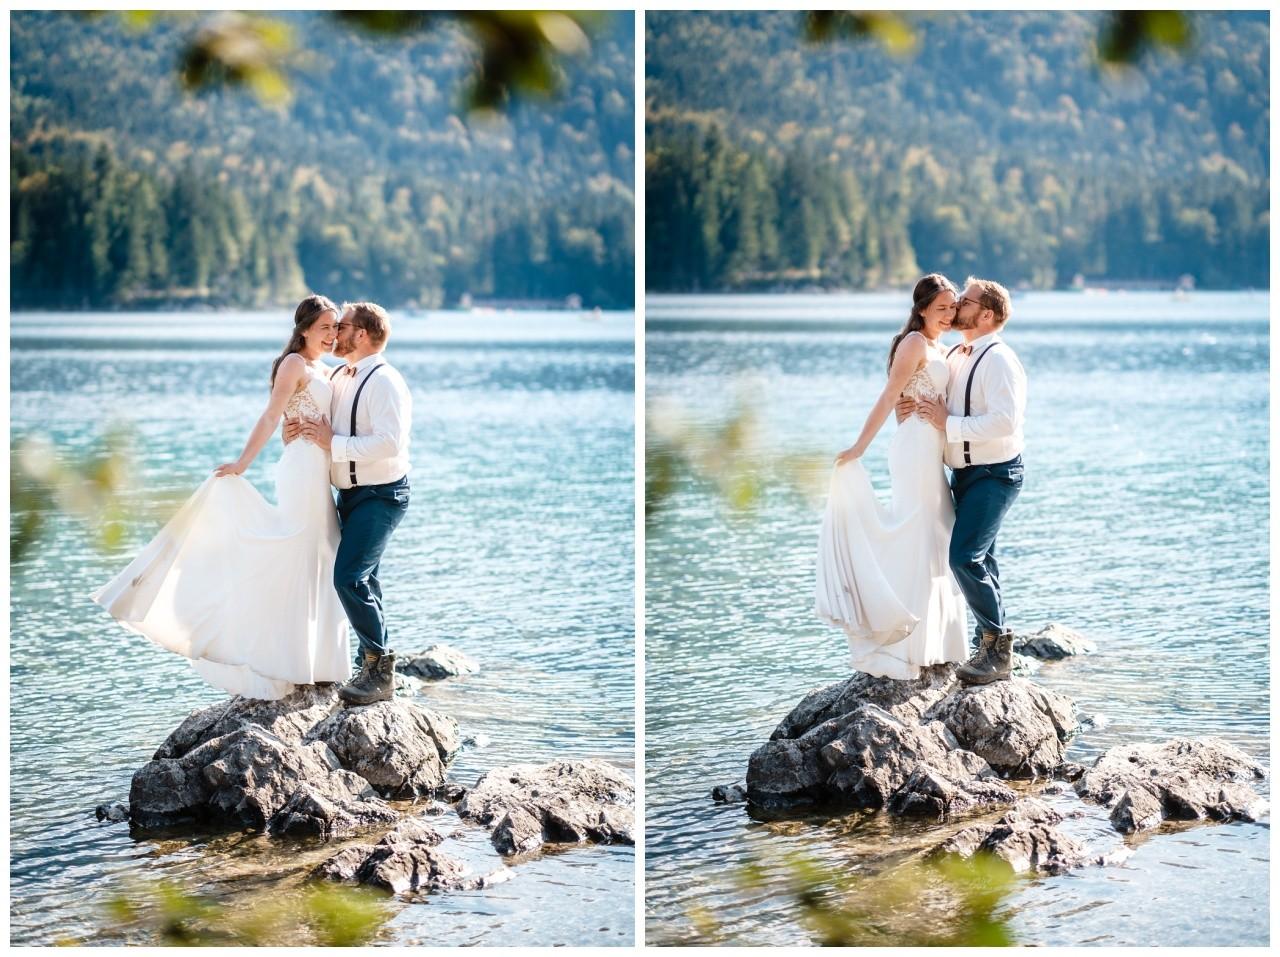 hochzeitsfoto eibsee zugspitze gamisch hochzeitsfotograf foto paarshooting 32 - Hochzeitsfotos am Eibsee